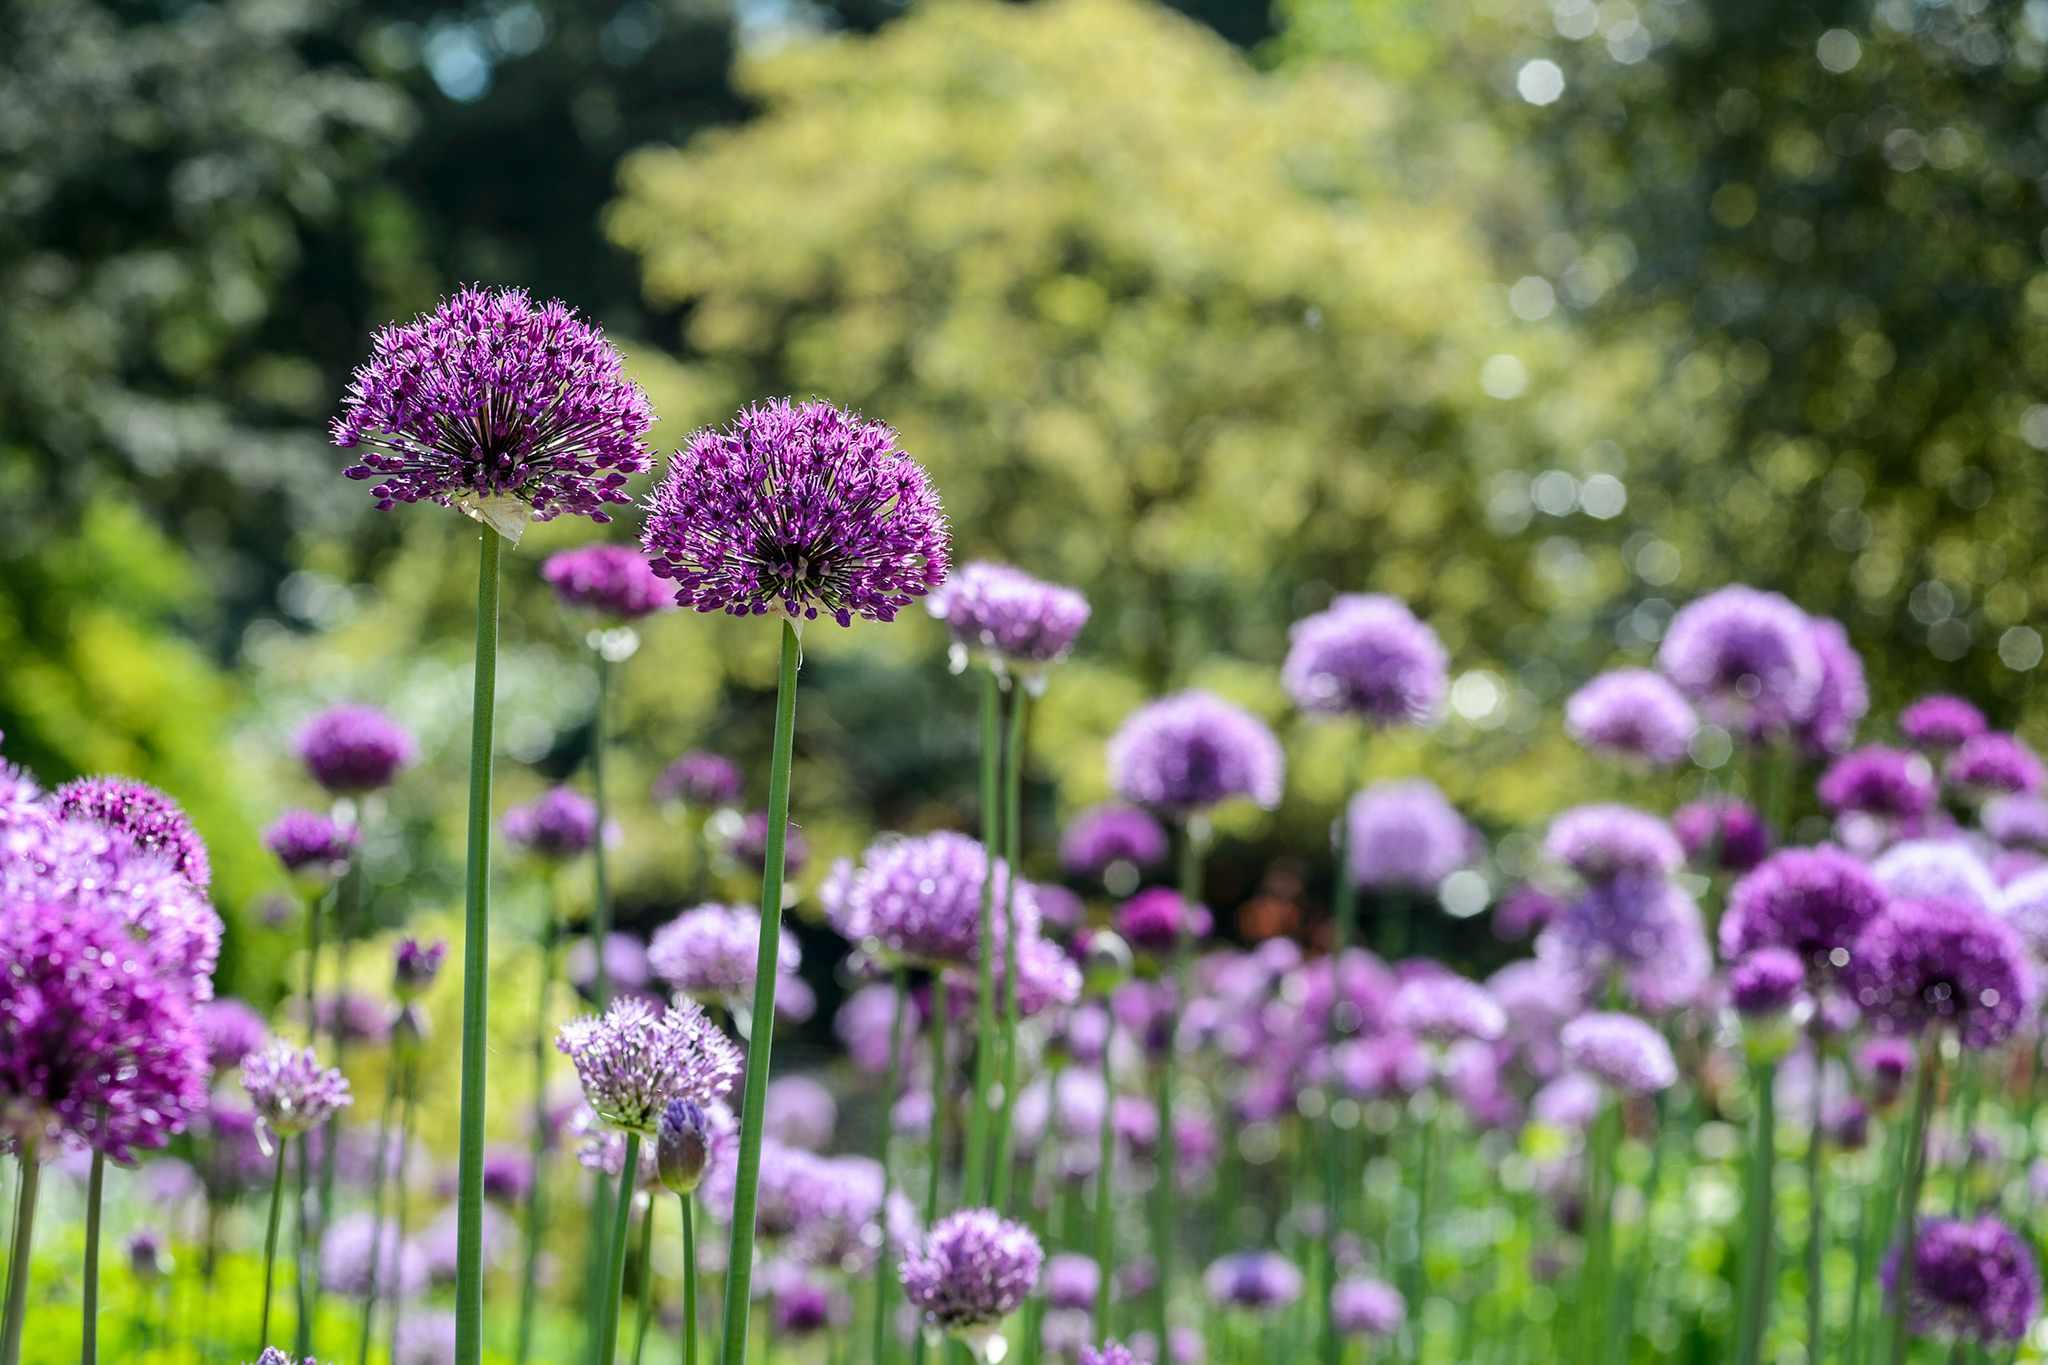 Alliums in flower